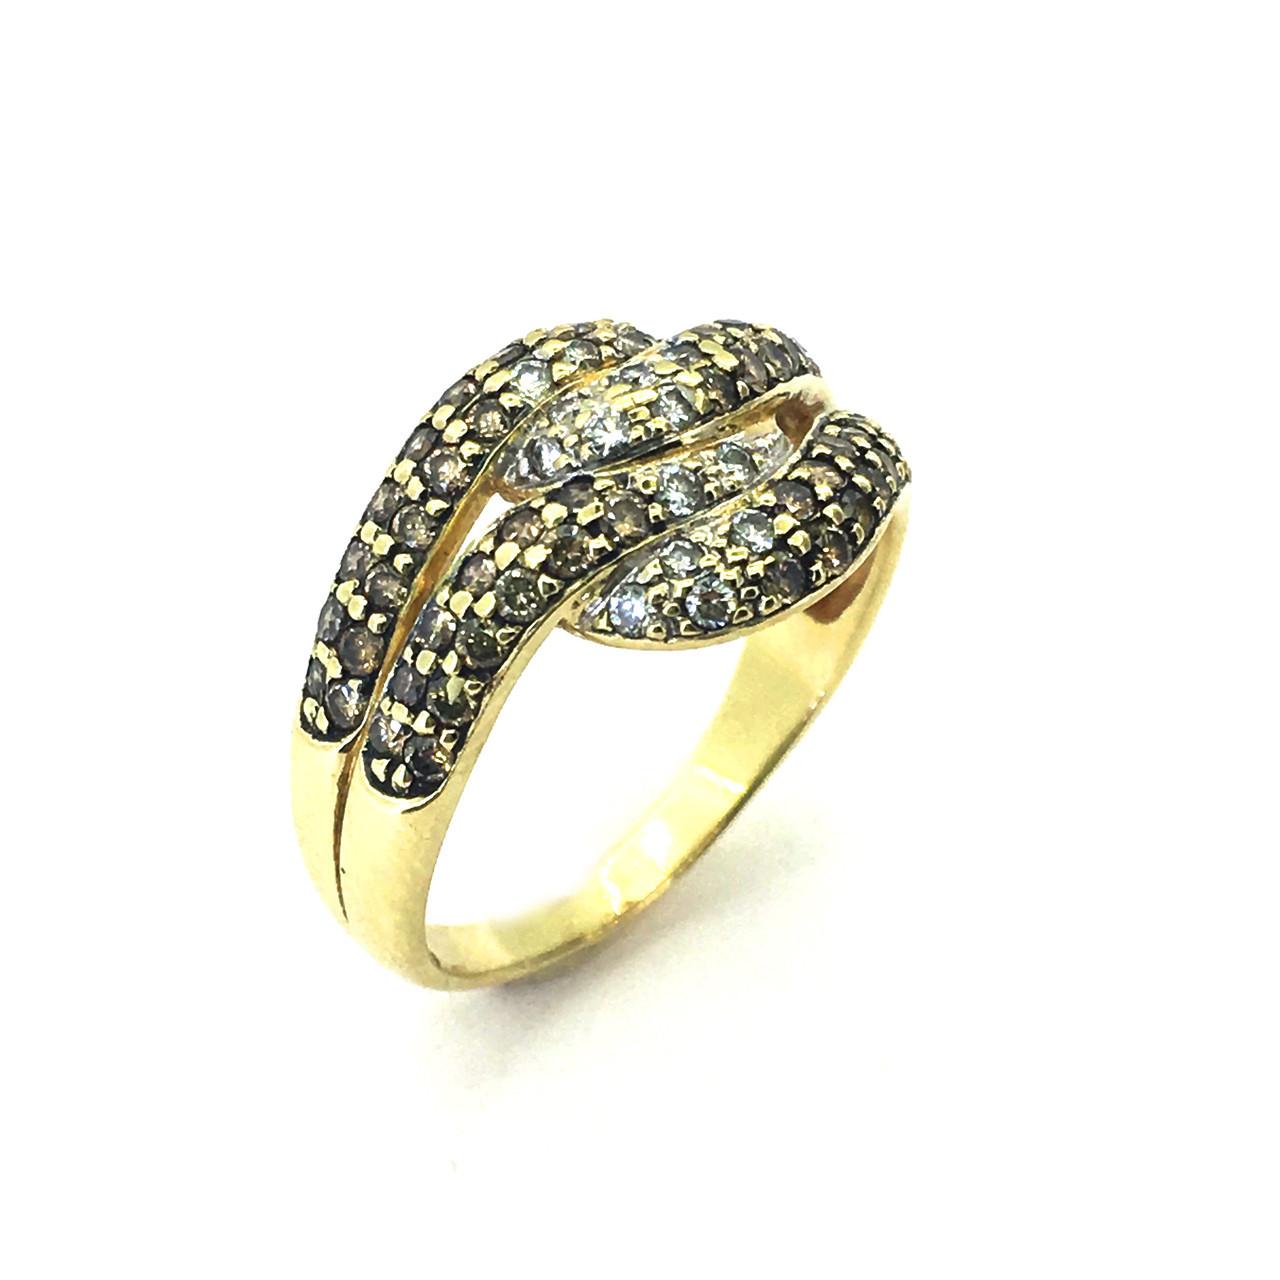 Золоте кільце з діамантами, 19 розмір , жовте золото